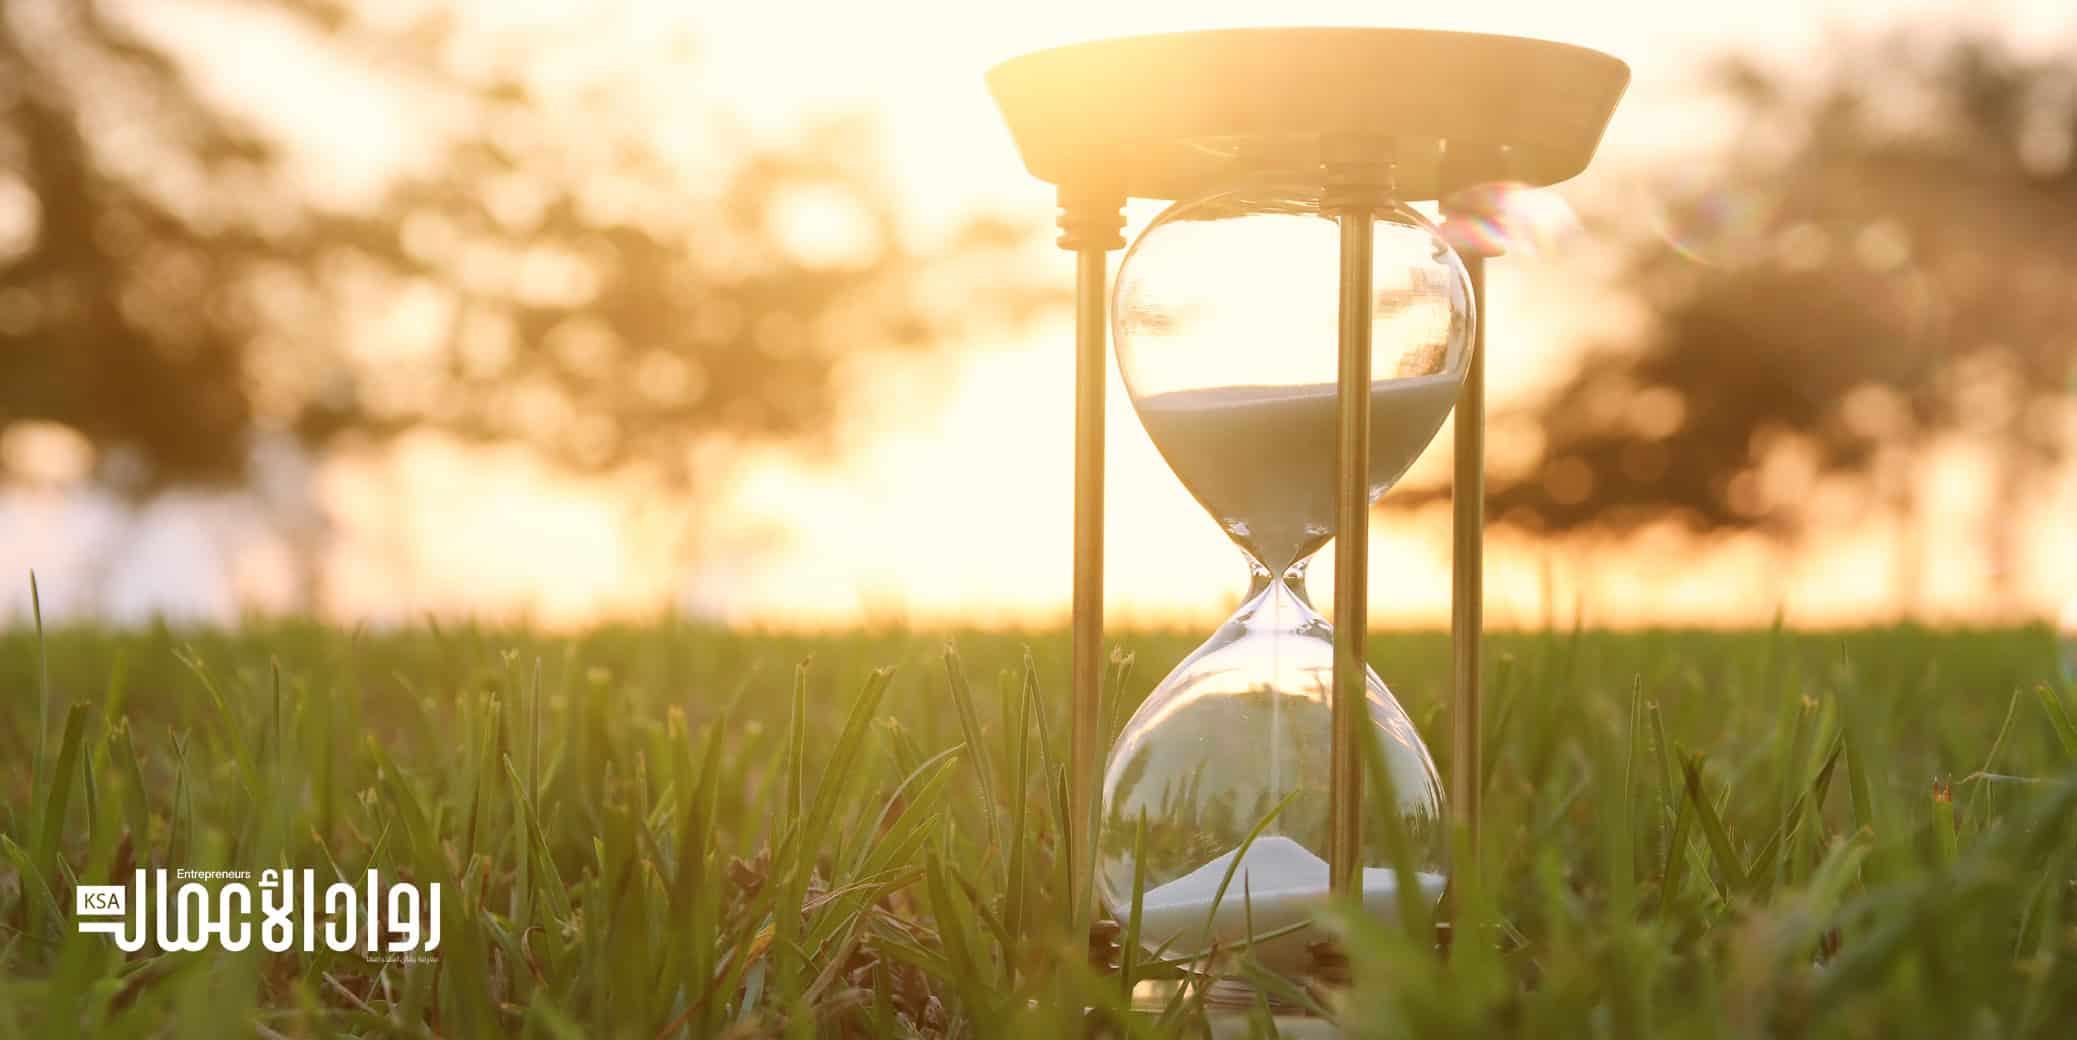 الإفراط في تنظيم الوقت